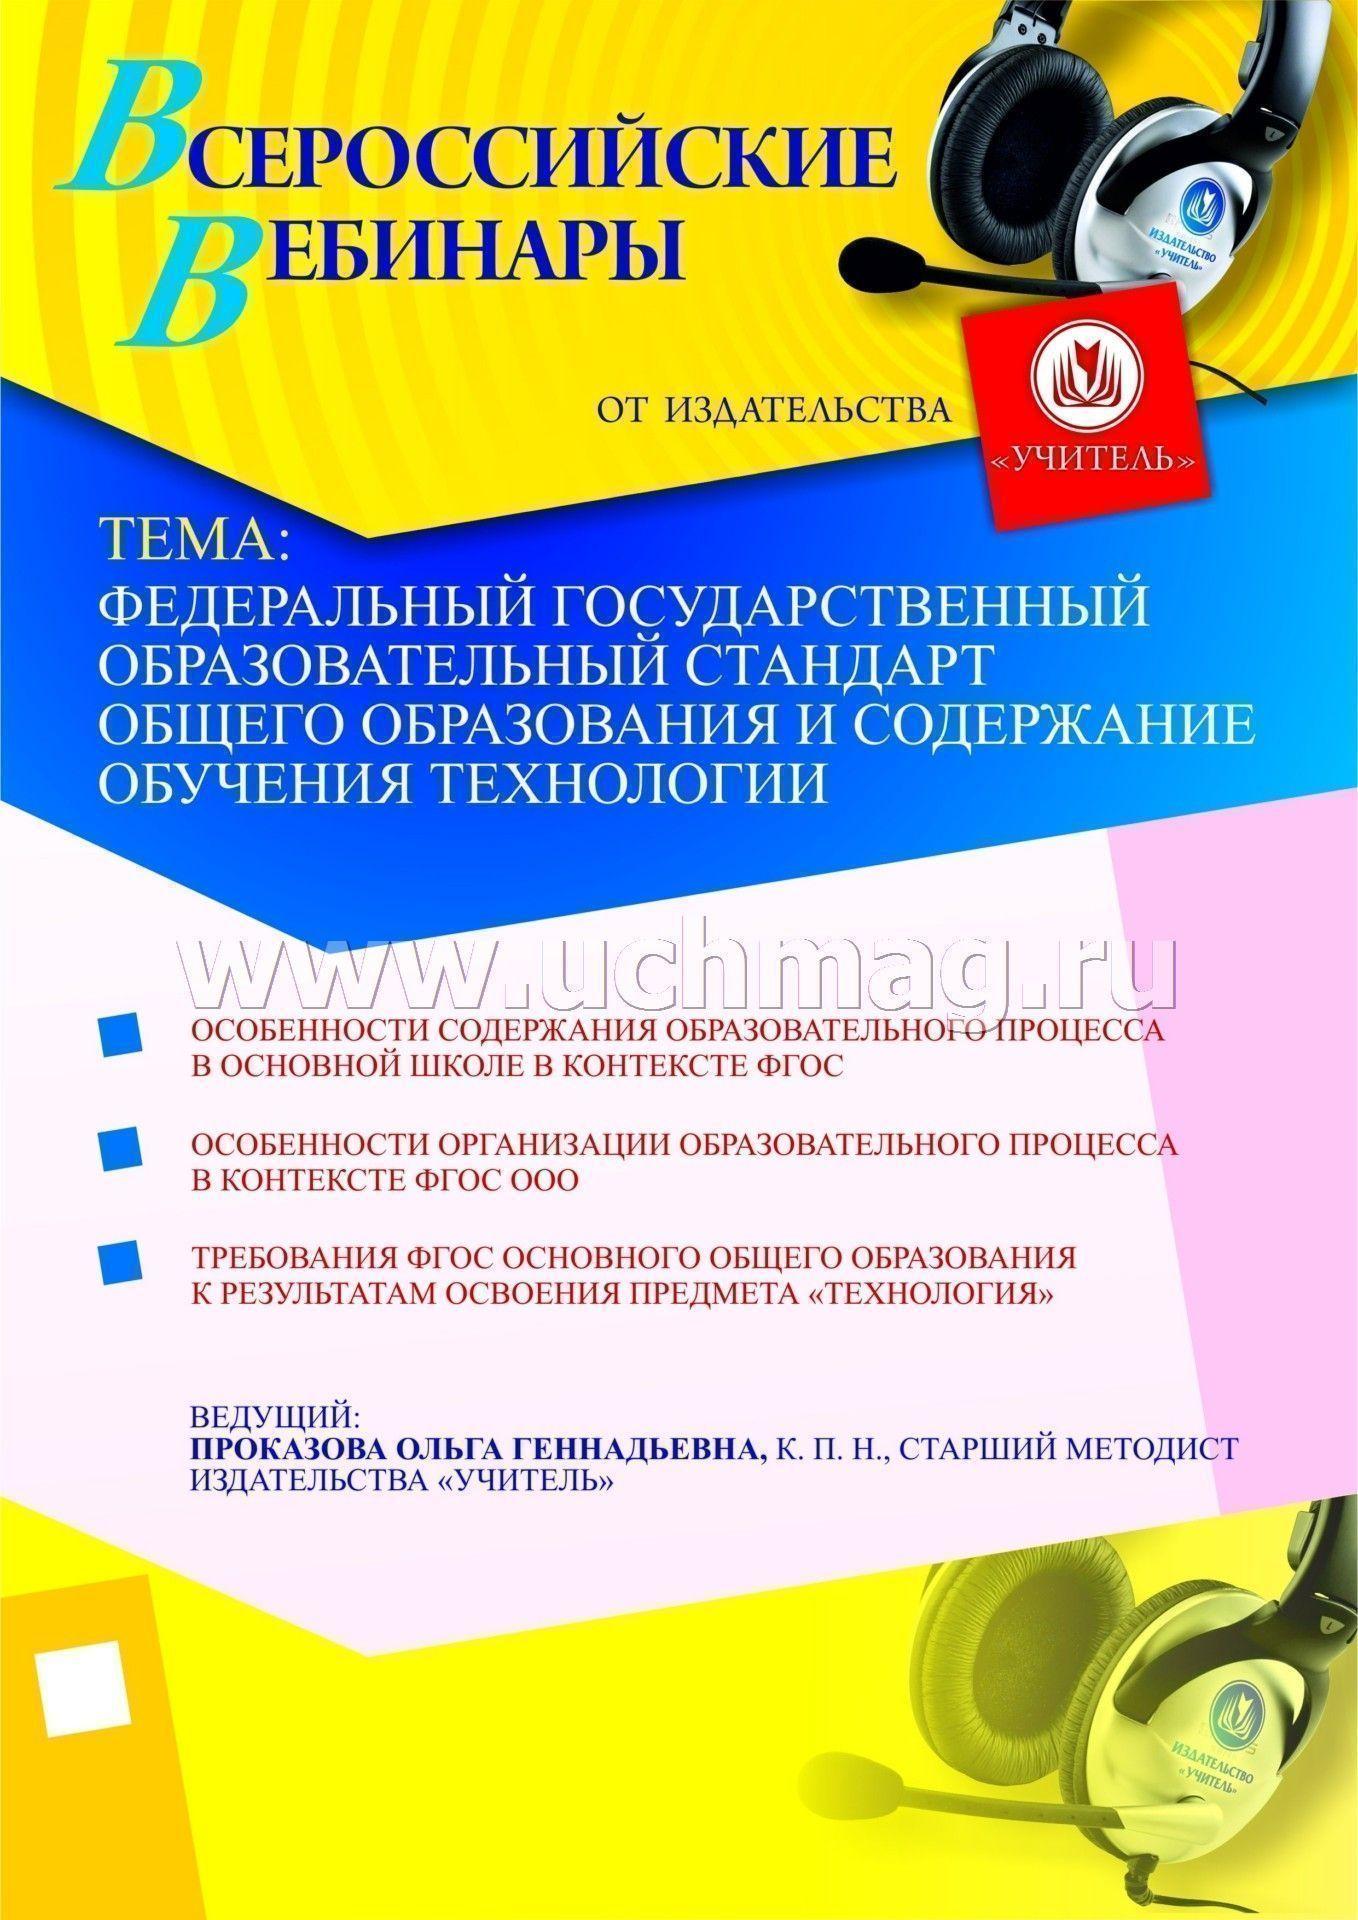 Федеральный государственный образовательный стандарт общего образования и содержание обучения технологии